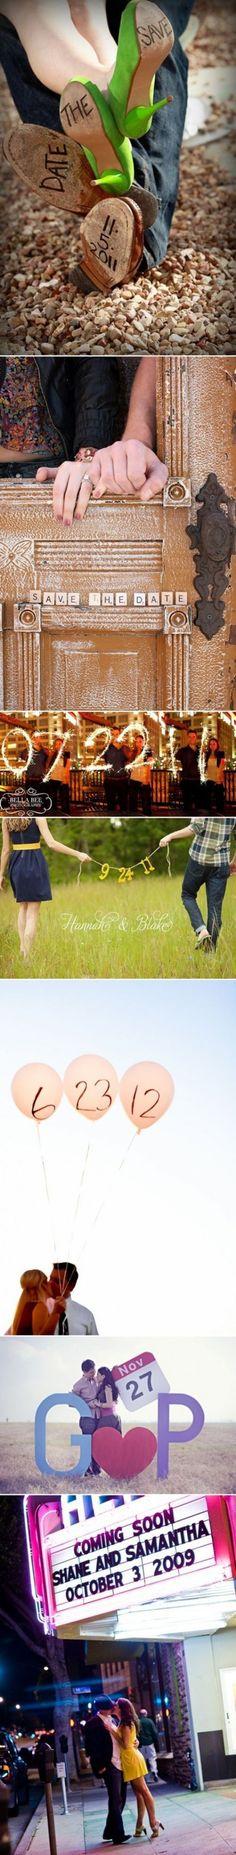 wedding ideas *Save the date idea*